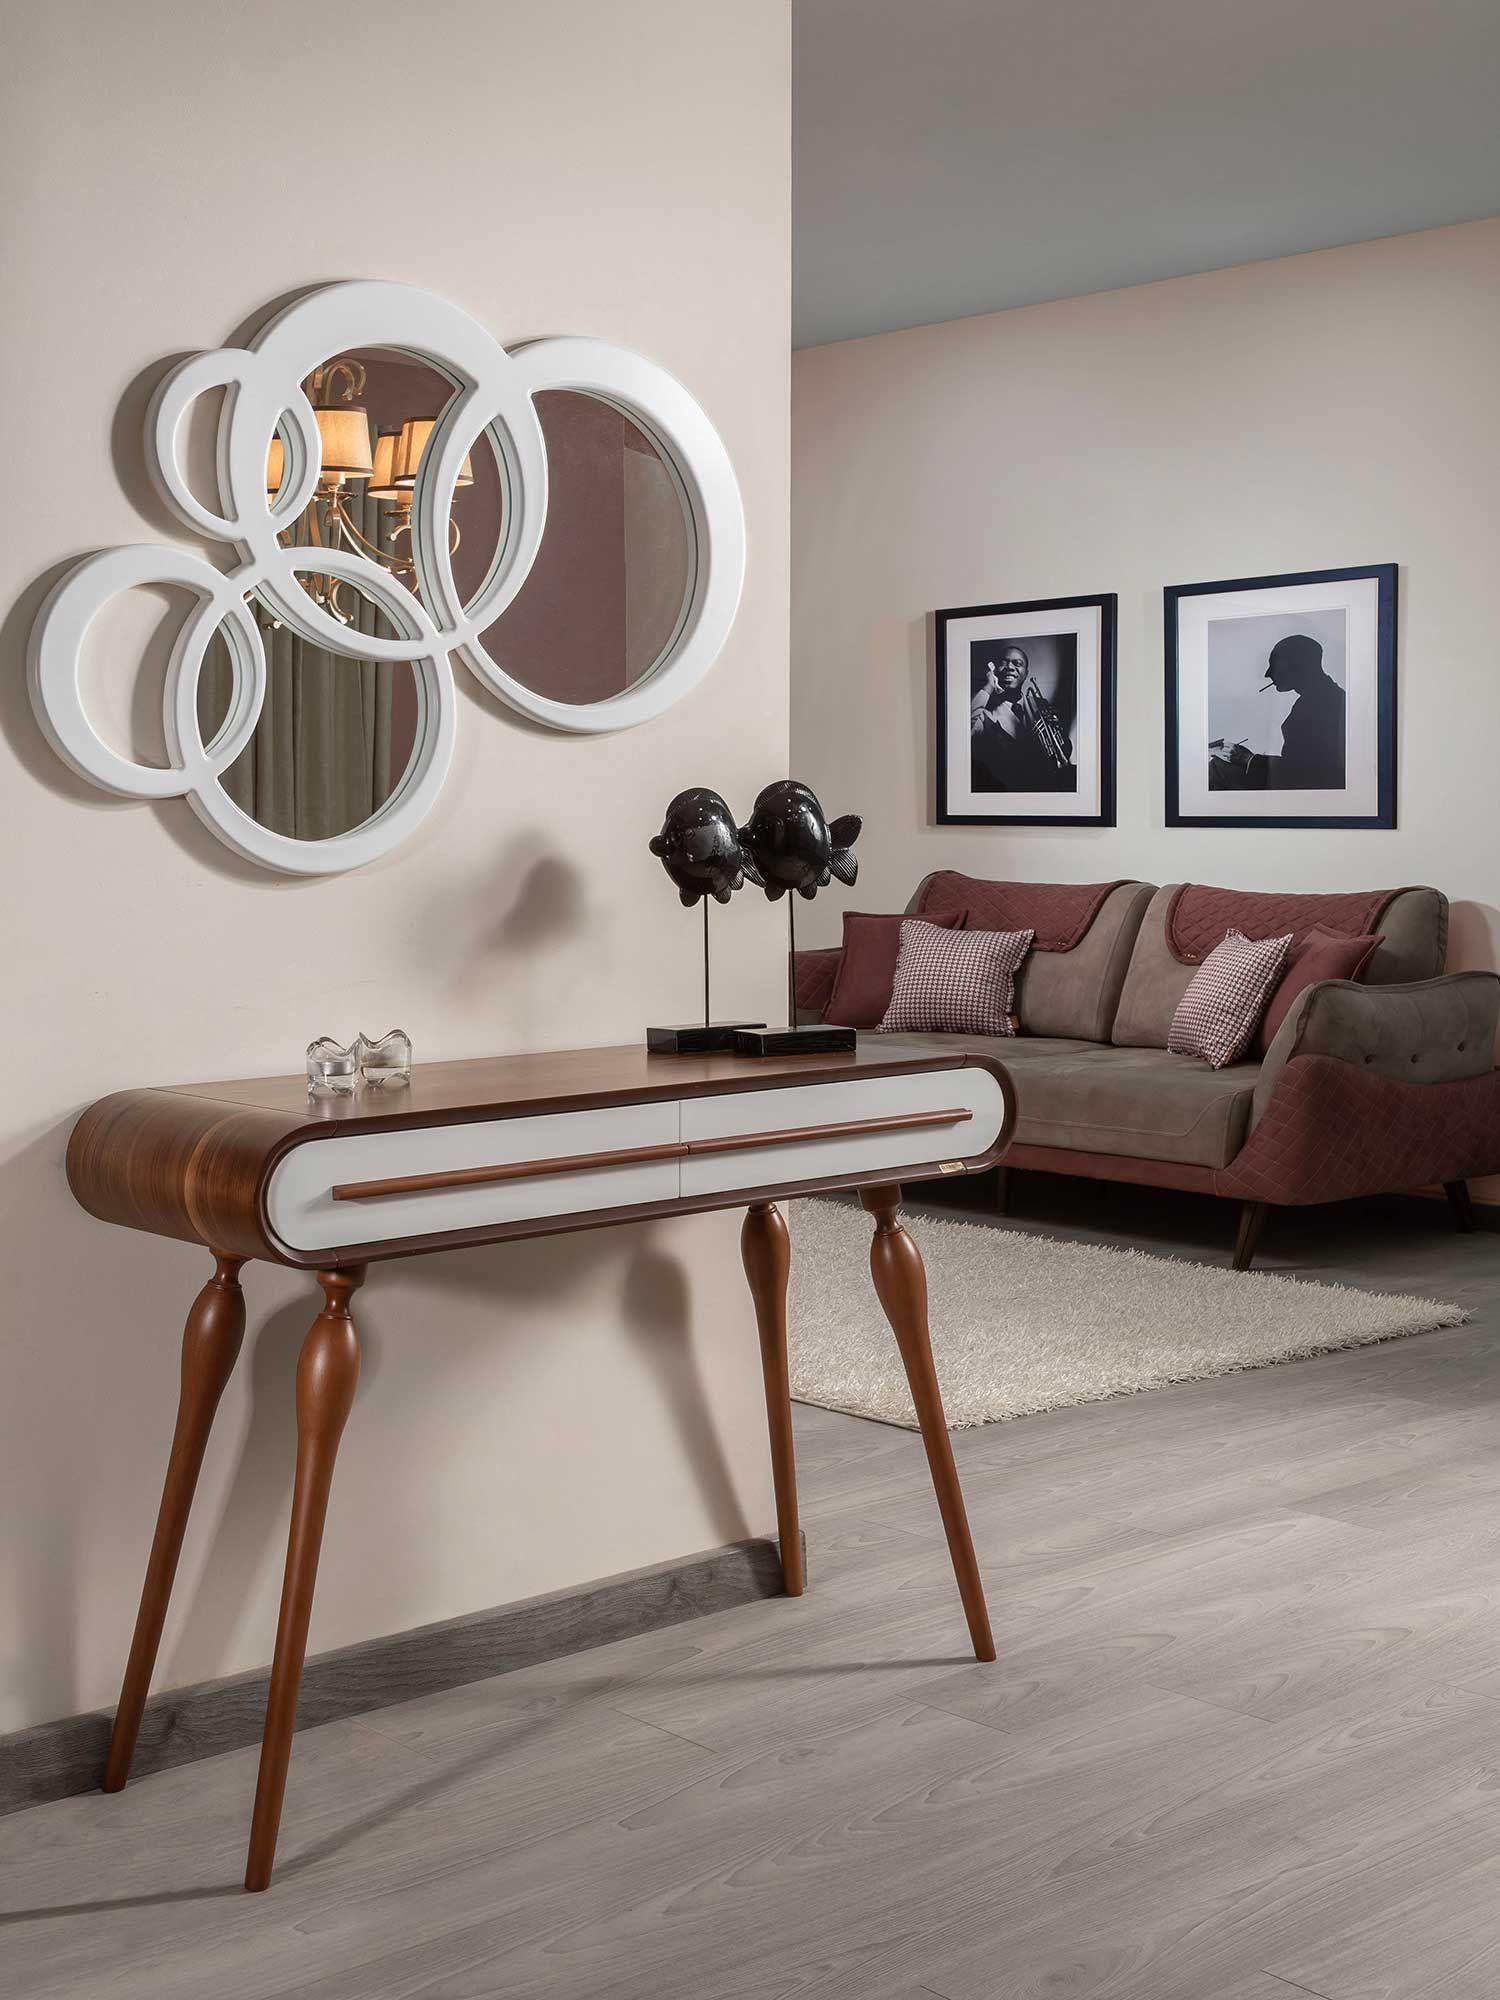 كونسول Ko 801 Kabbani Furniture قبانى للأثاث Interior Design Interior Home Decor